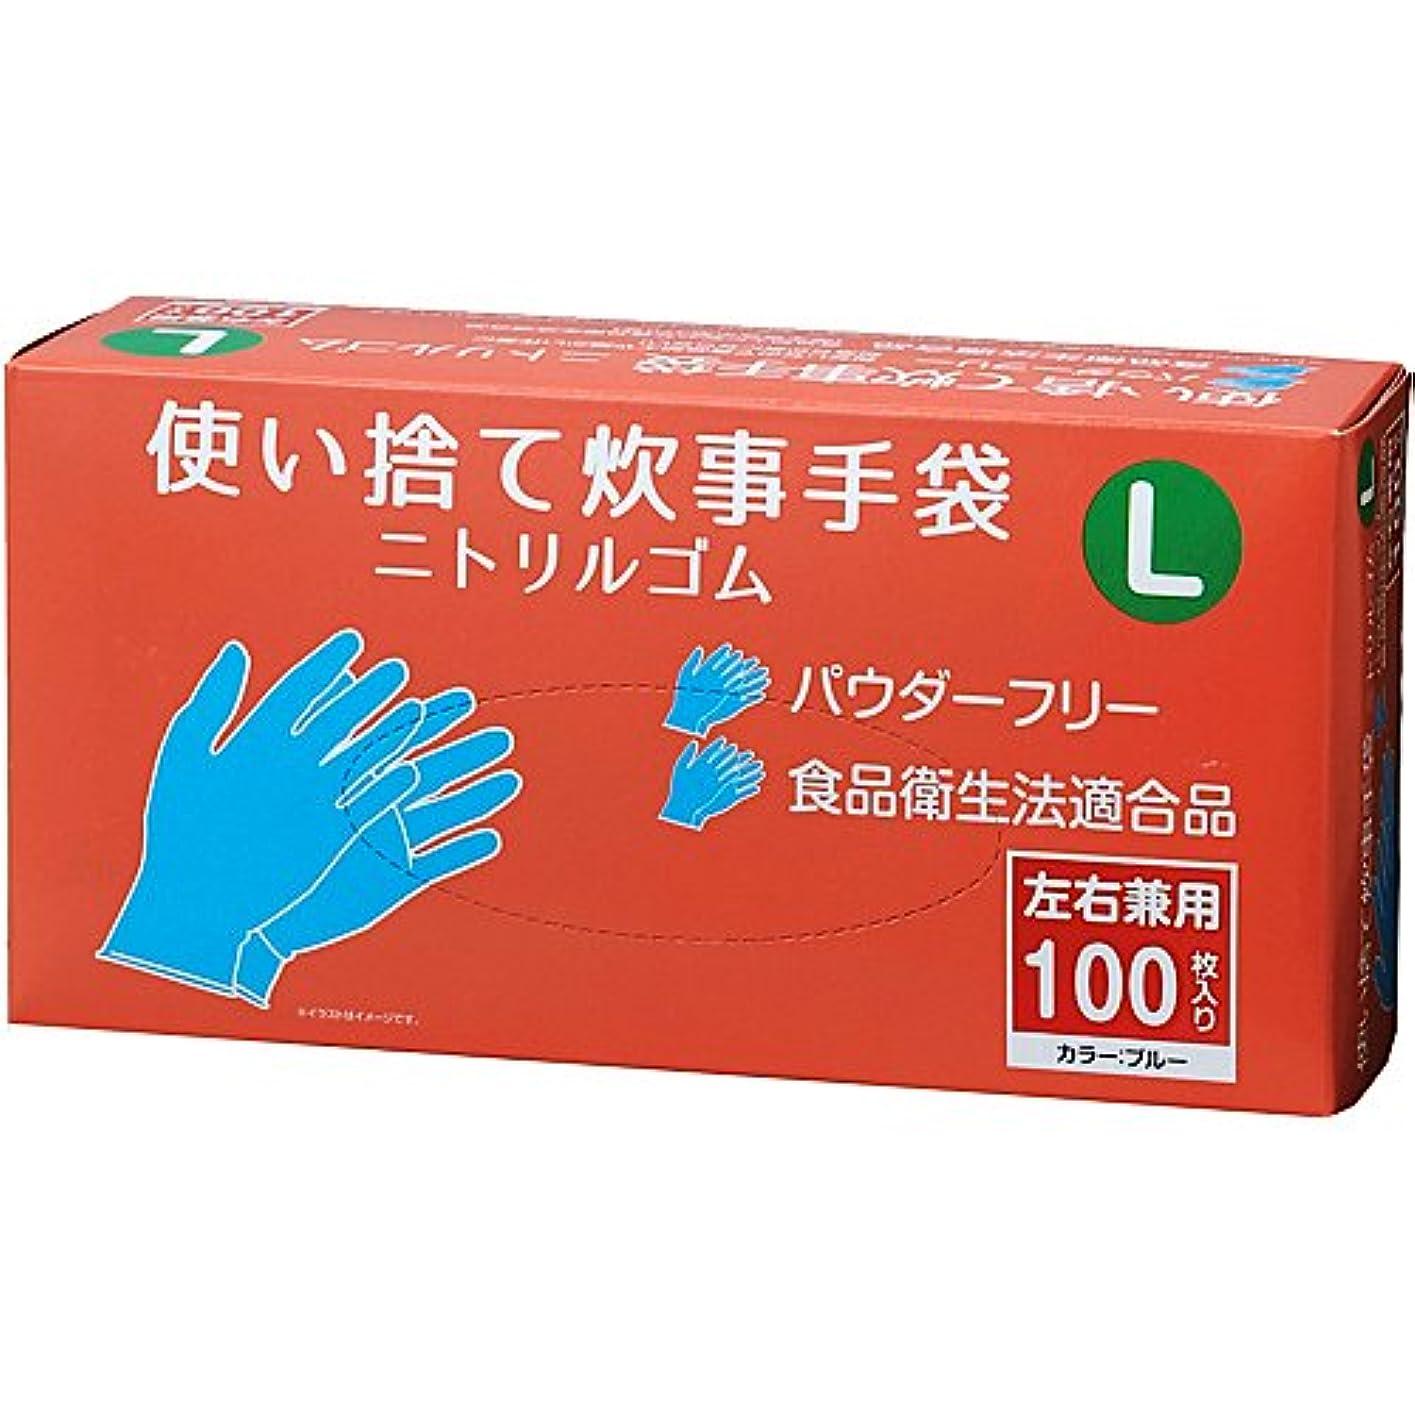 憤る送るレジコーナンオリジナル 使い捨て炊事手袋 ニトリルゴム 100枚入り L